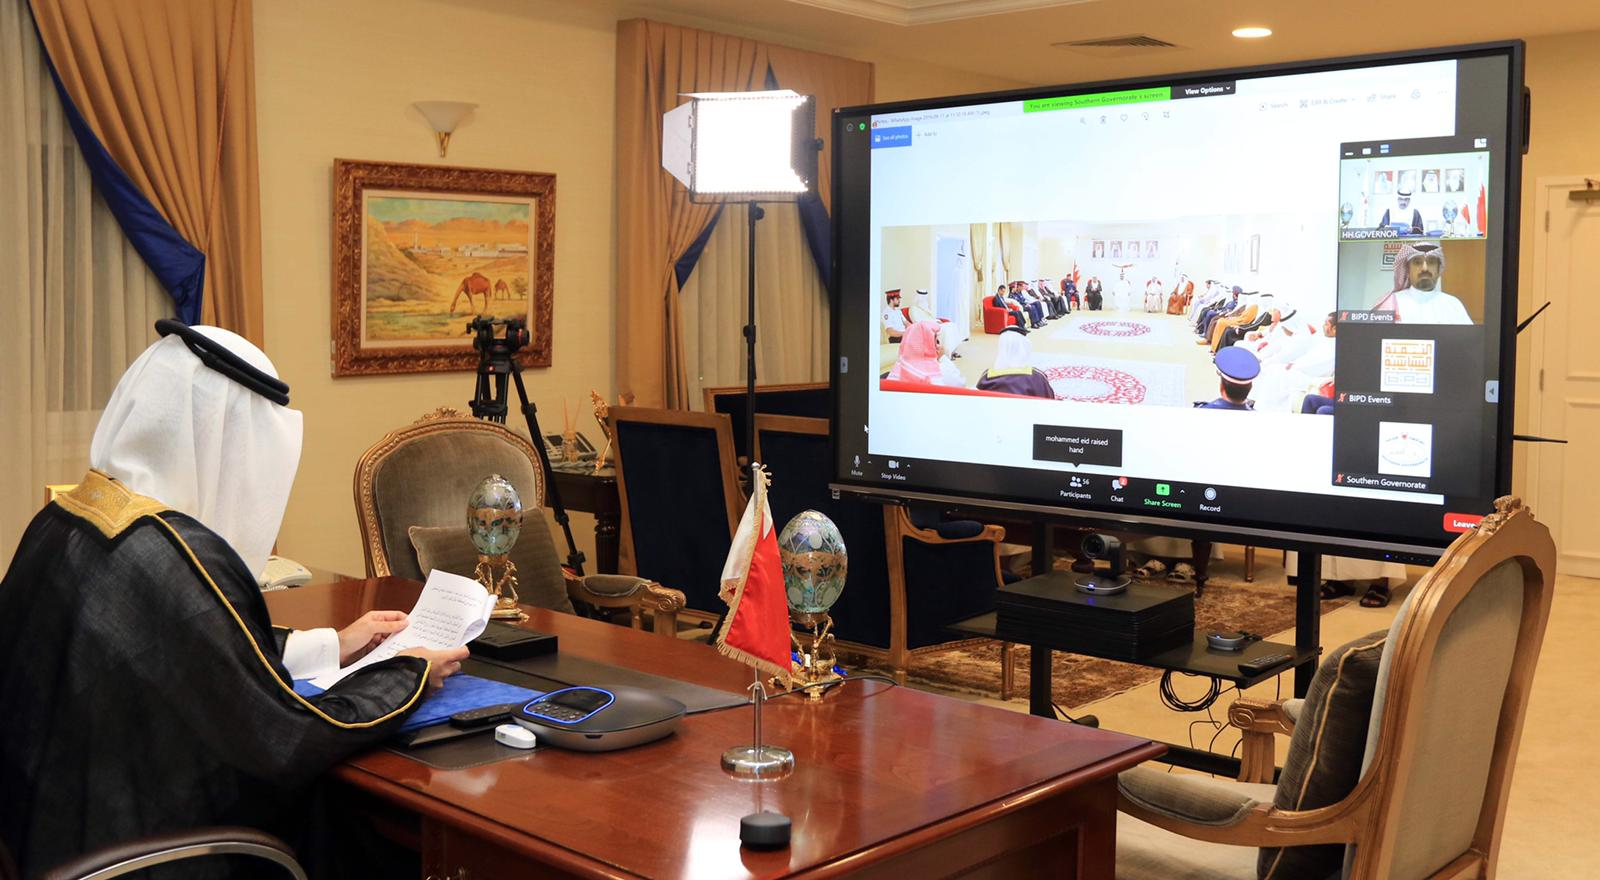 سمو محافظ المحافظة الجنوبية يشارك في برنامج (ترابط) من تنظيم معهد البحرين للتنمية السياسية بالتعاون مع وزارة الداخلية